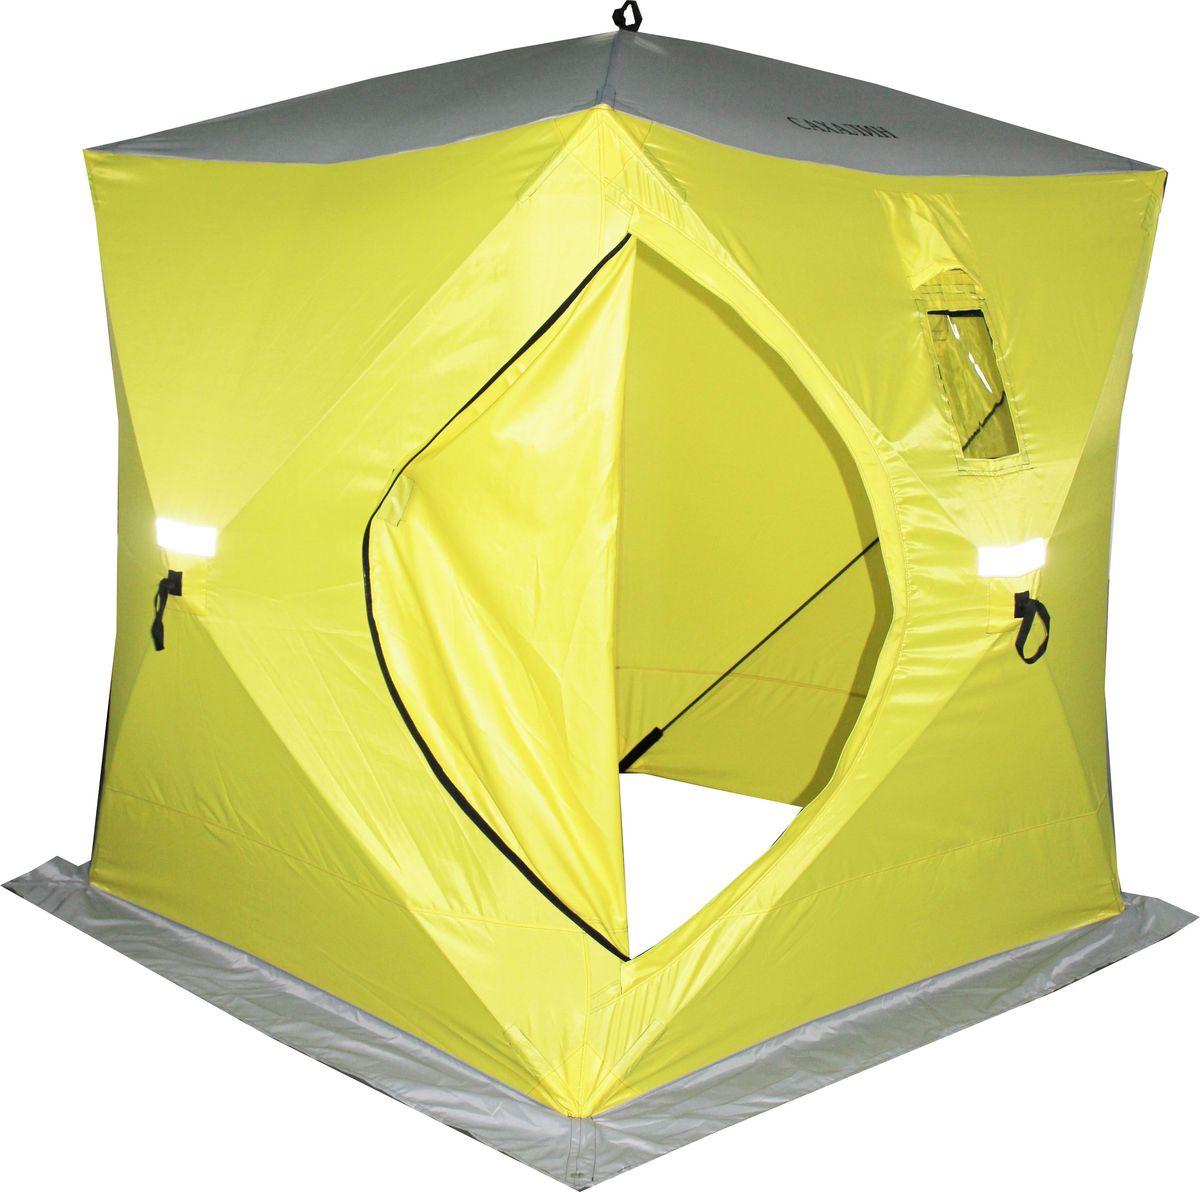 Палатка зимняя Prival Сахалин, 2-местная, цвет: желтый, серый, 150 х 150 х 170 см